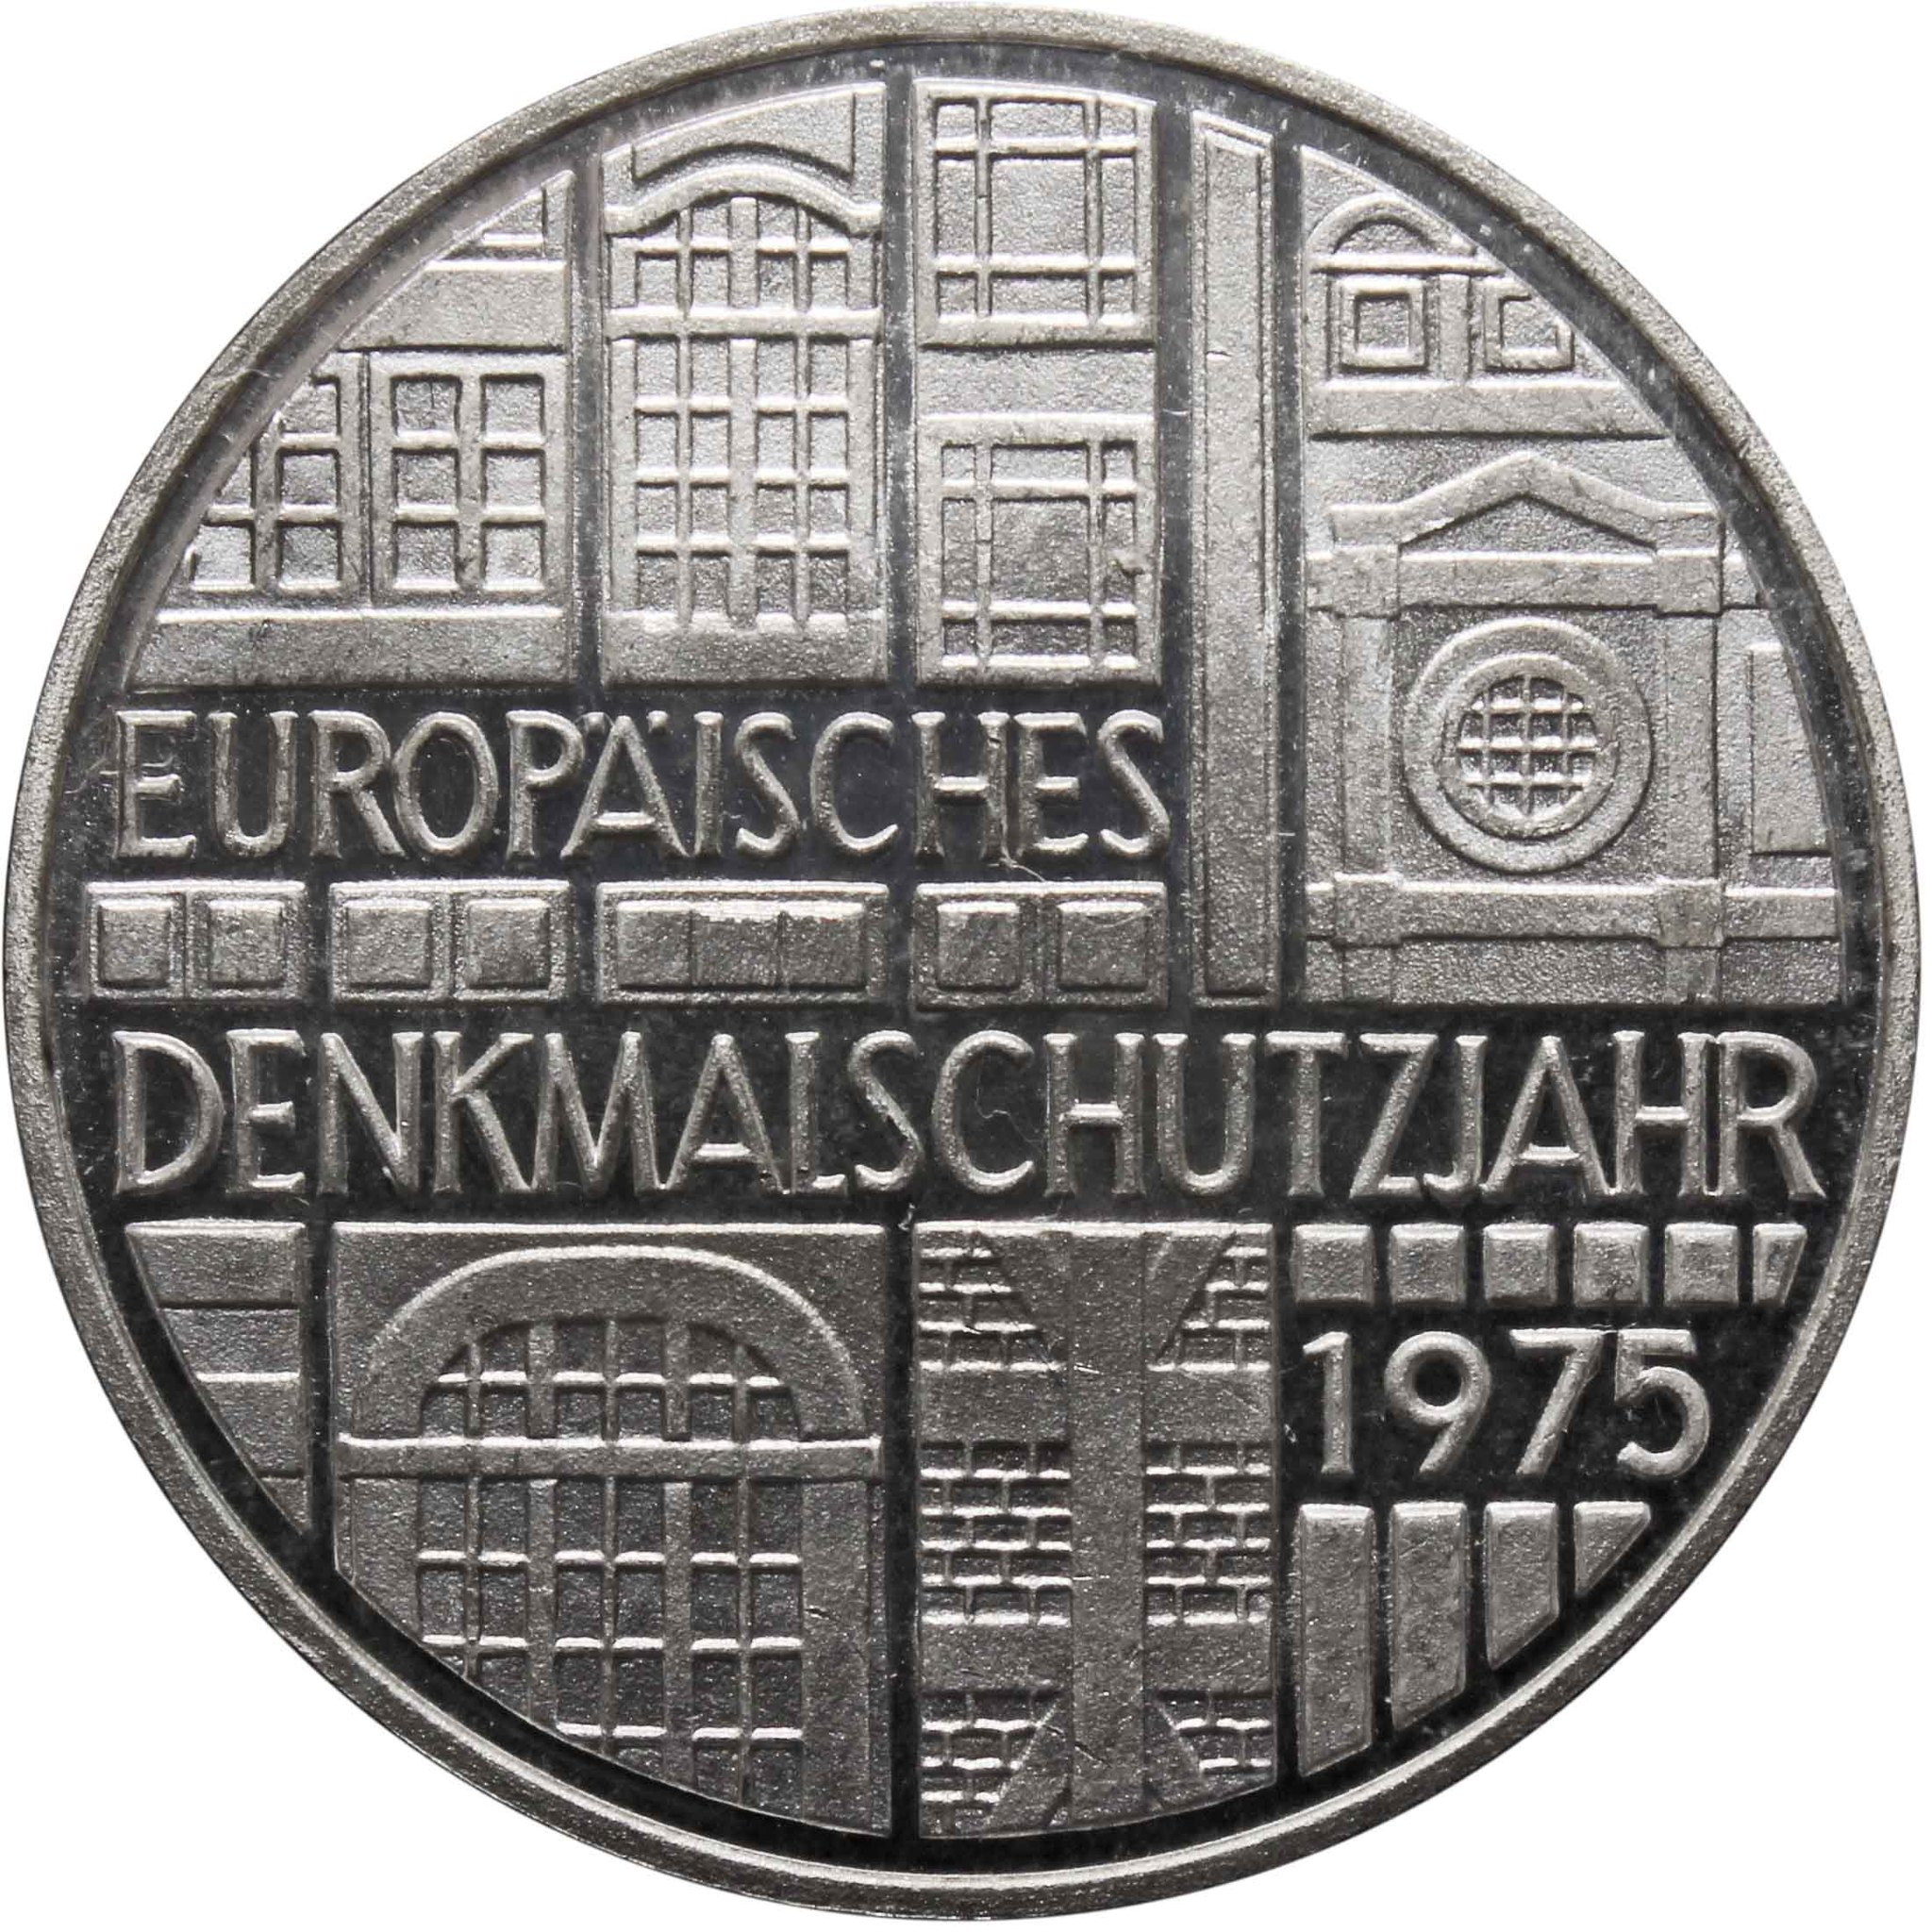 5 марок. Европейский год охраны памятников. Германия. (F). Серебро. 1975 год. PROOF